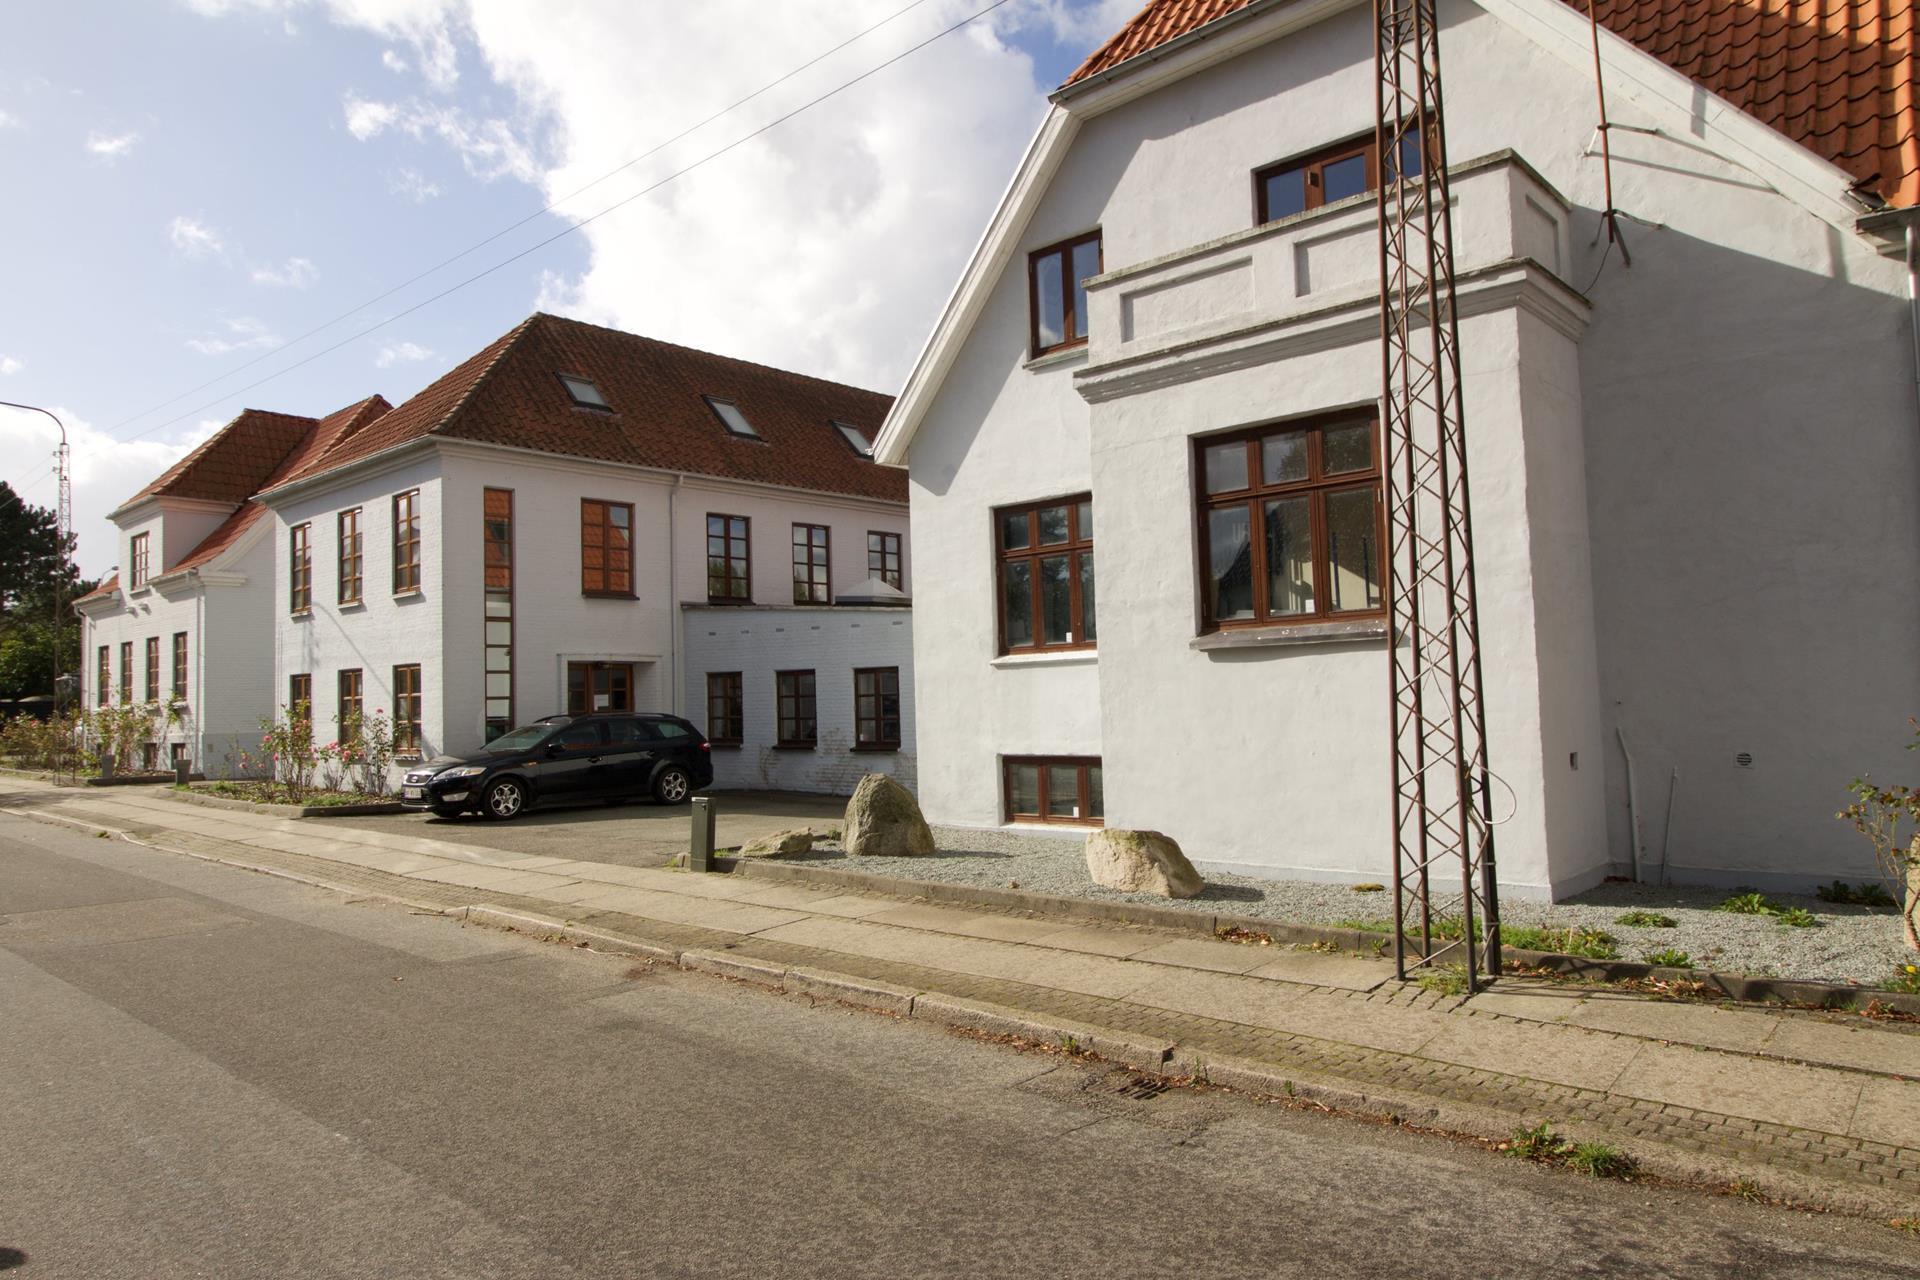 Bolig/erhverv på Jyllandsgade i Horsens - Andet